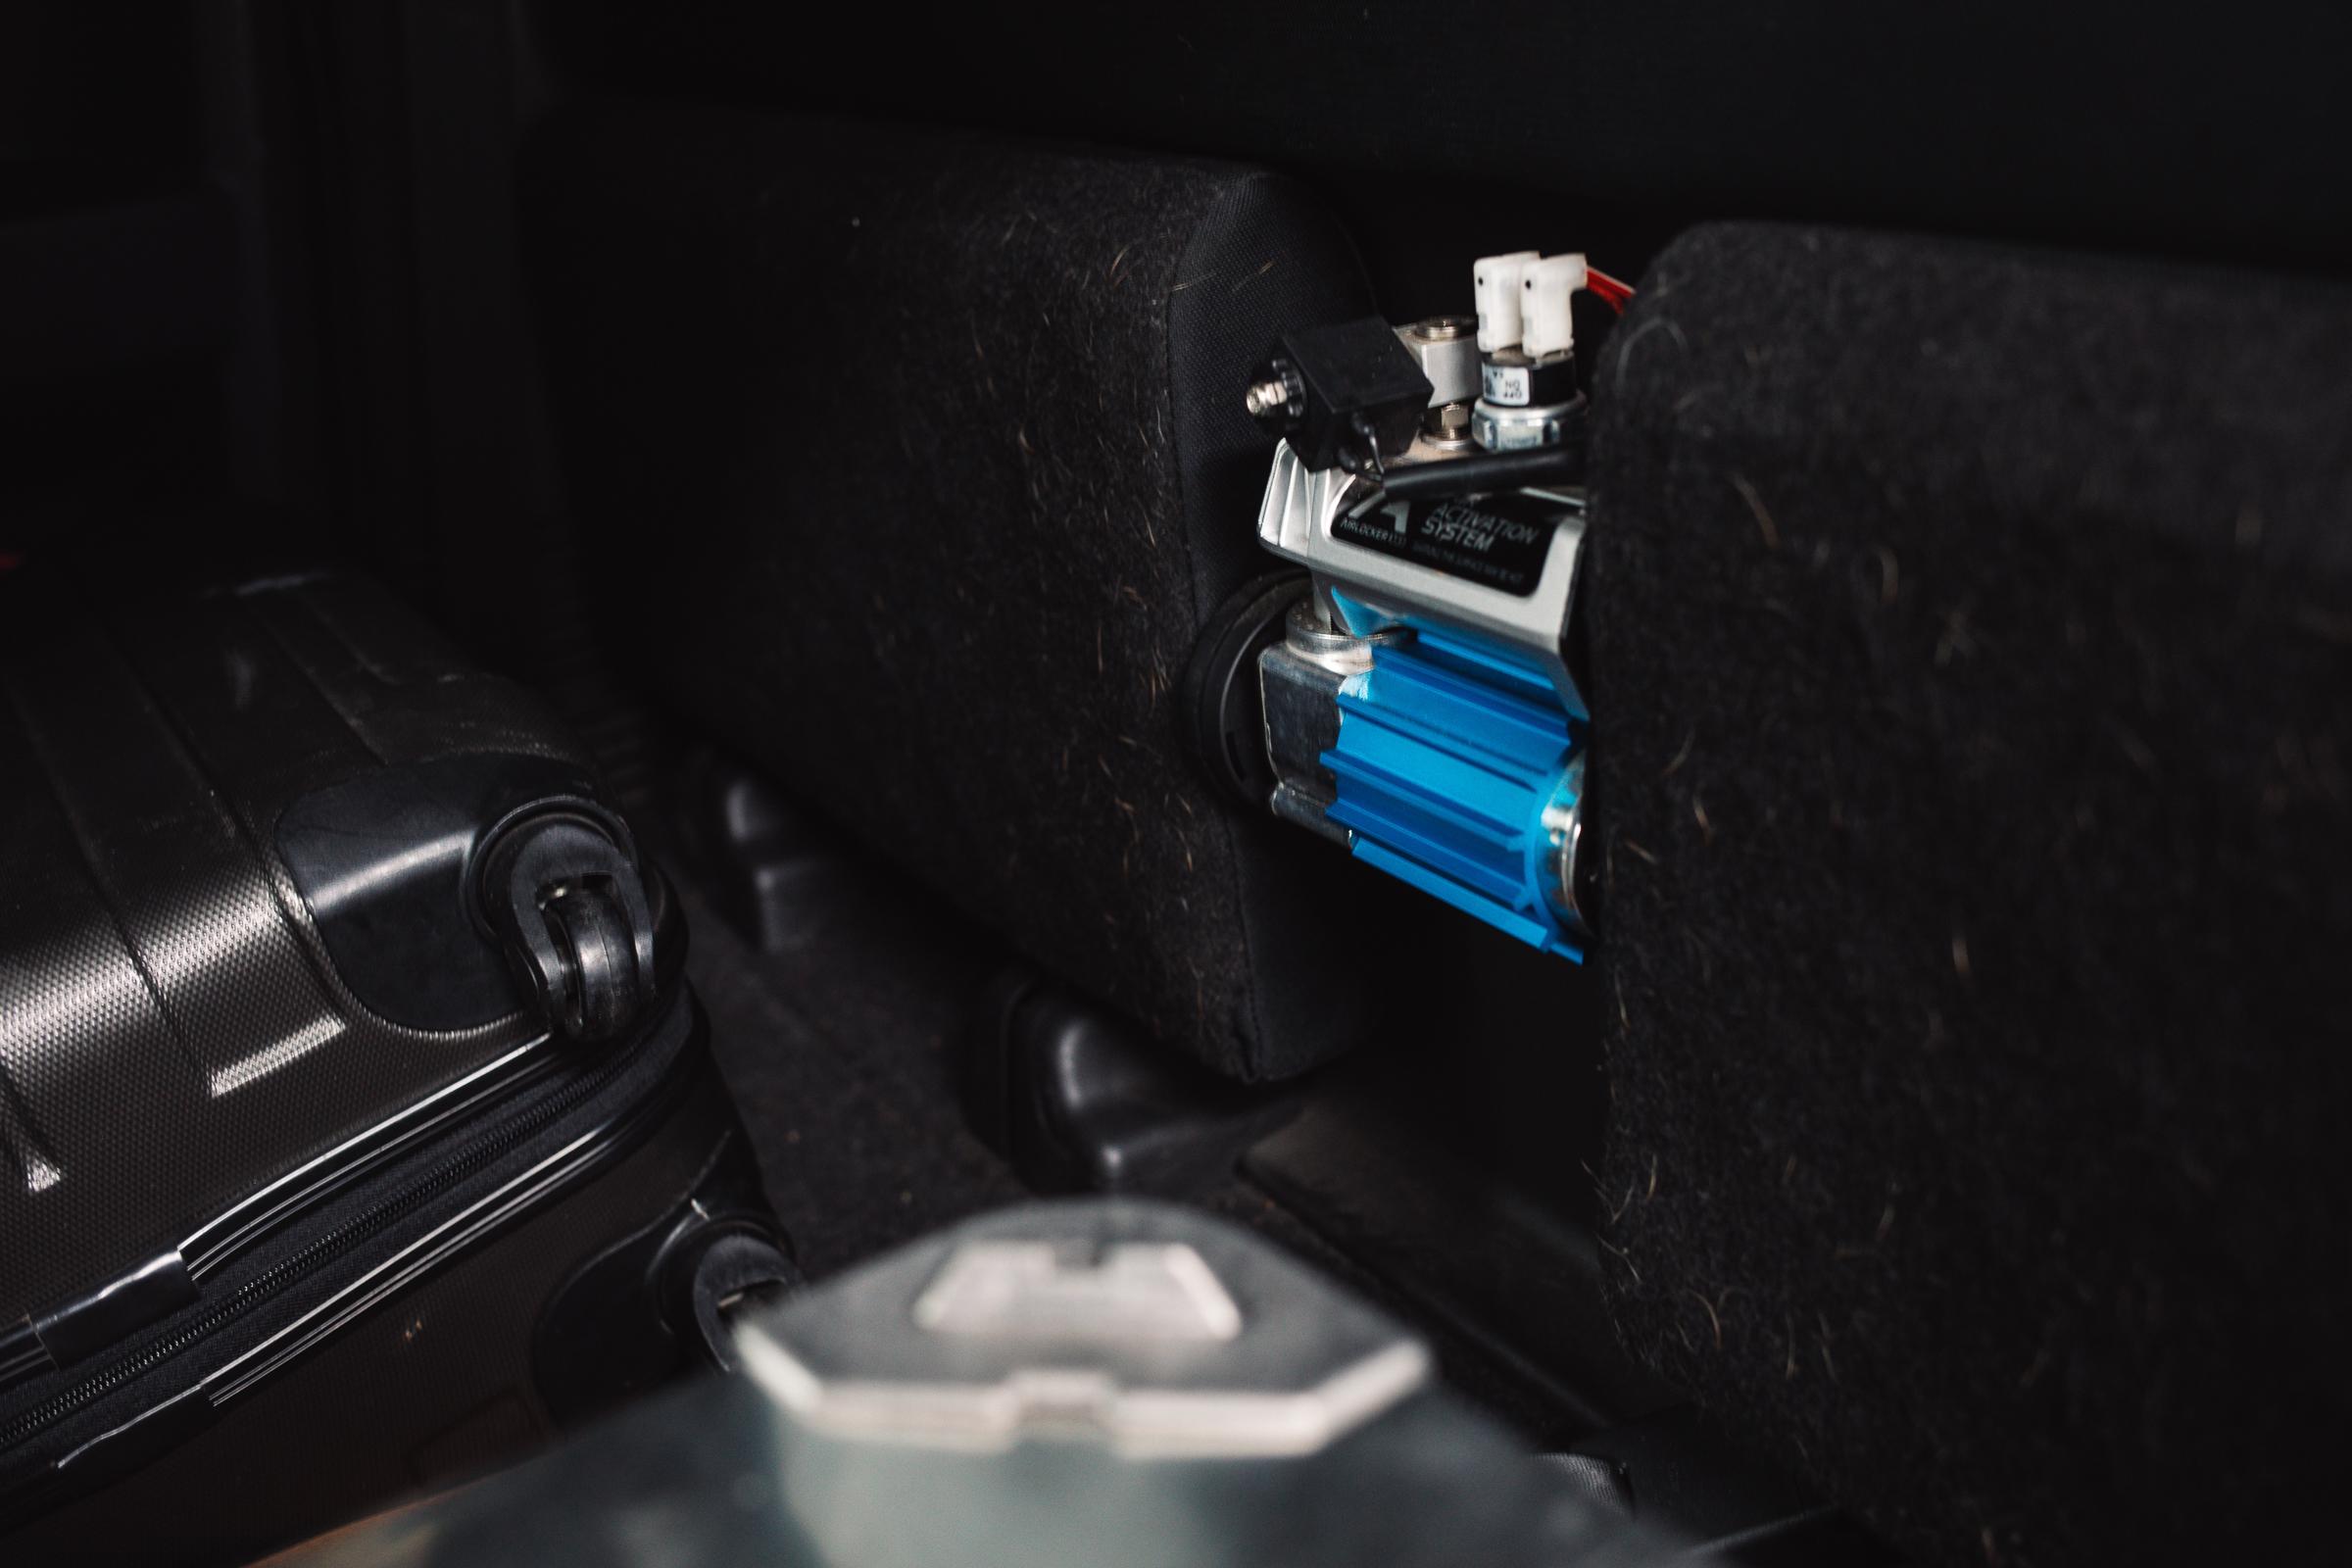 Trophy Isuzu D-MAX - Passt. Luftkompressor für die Differenzialsperren.